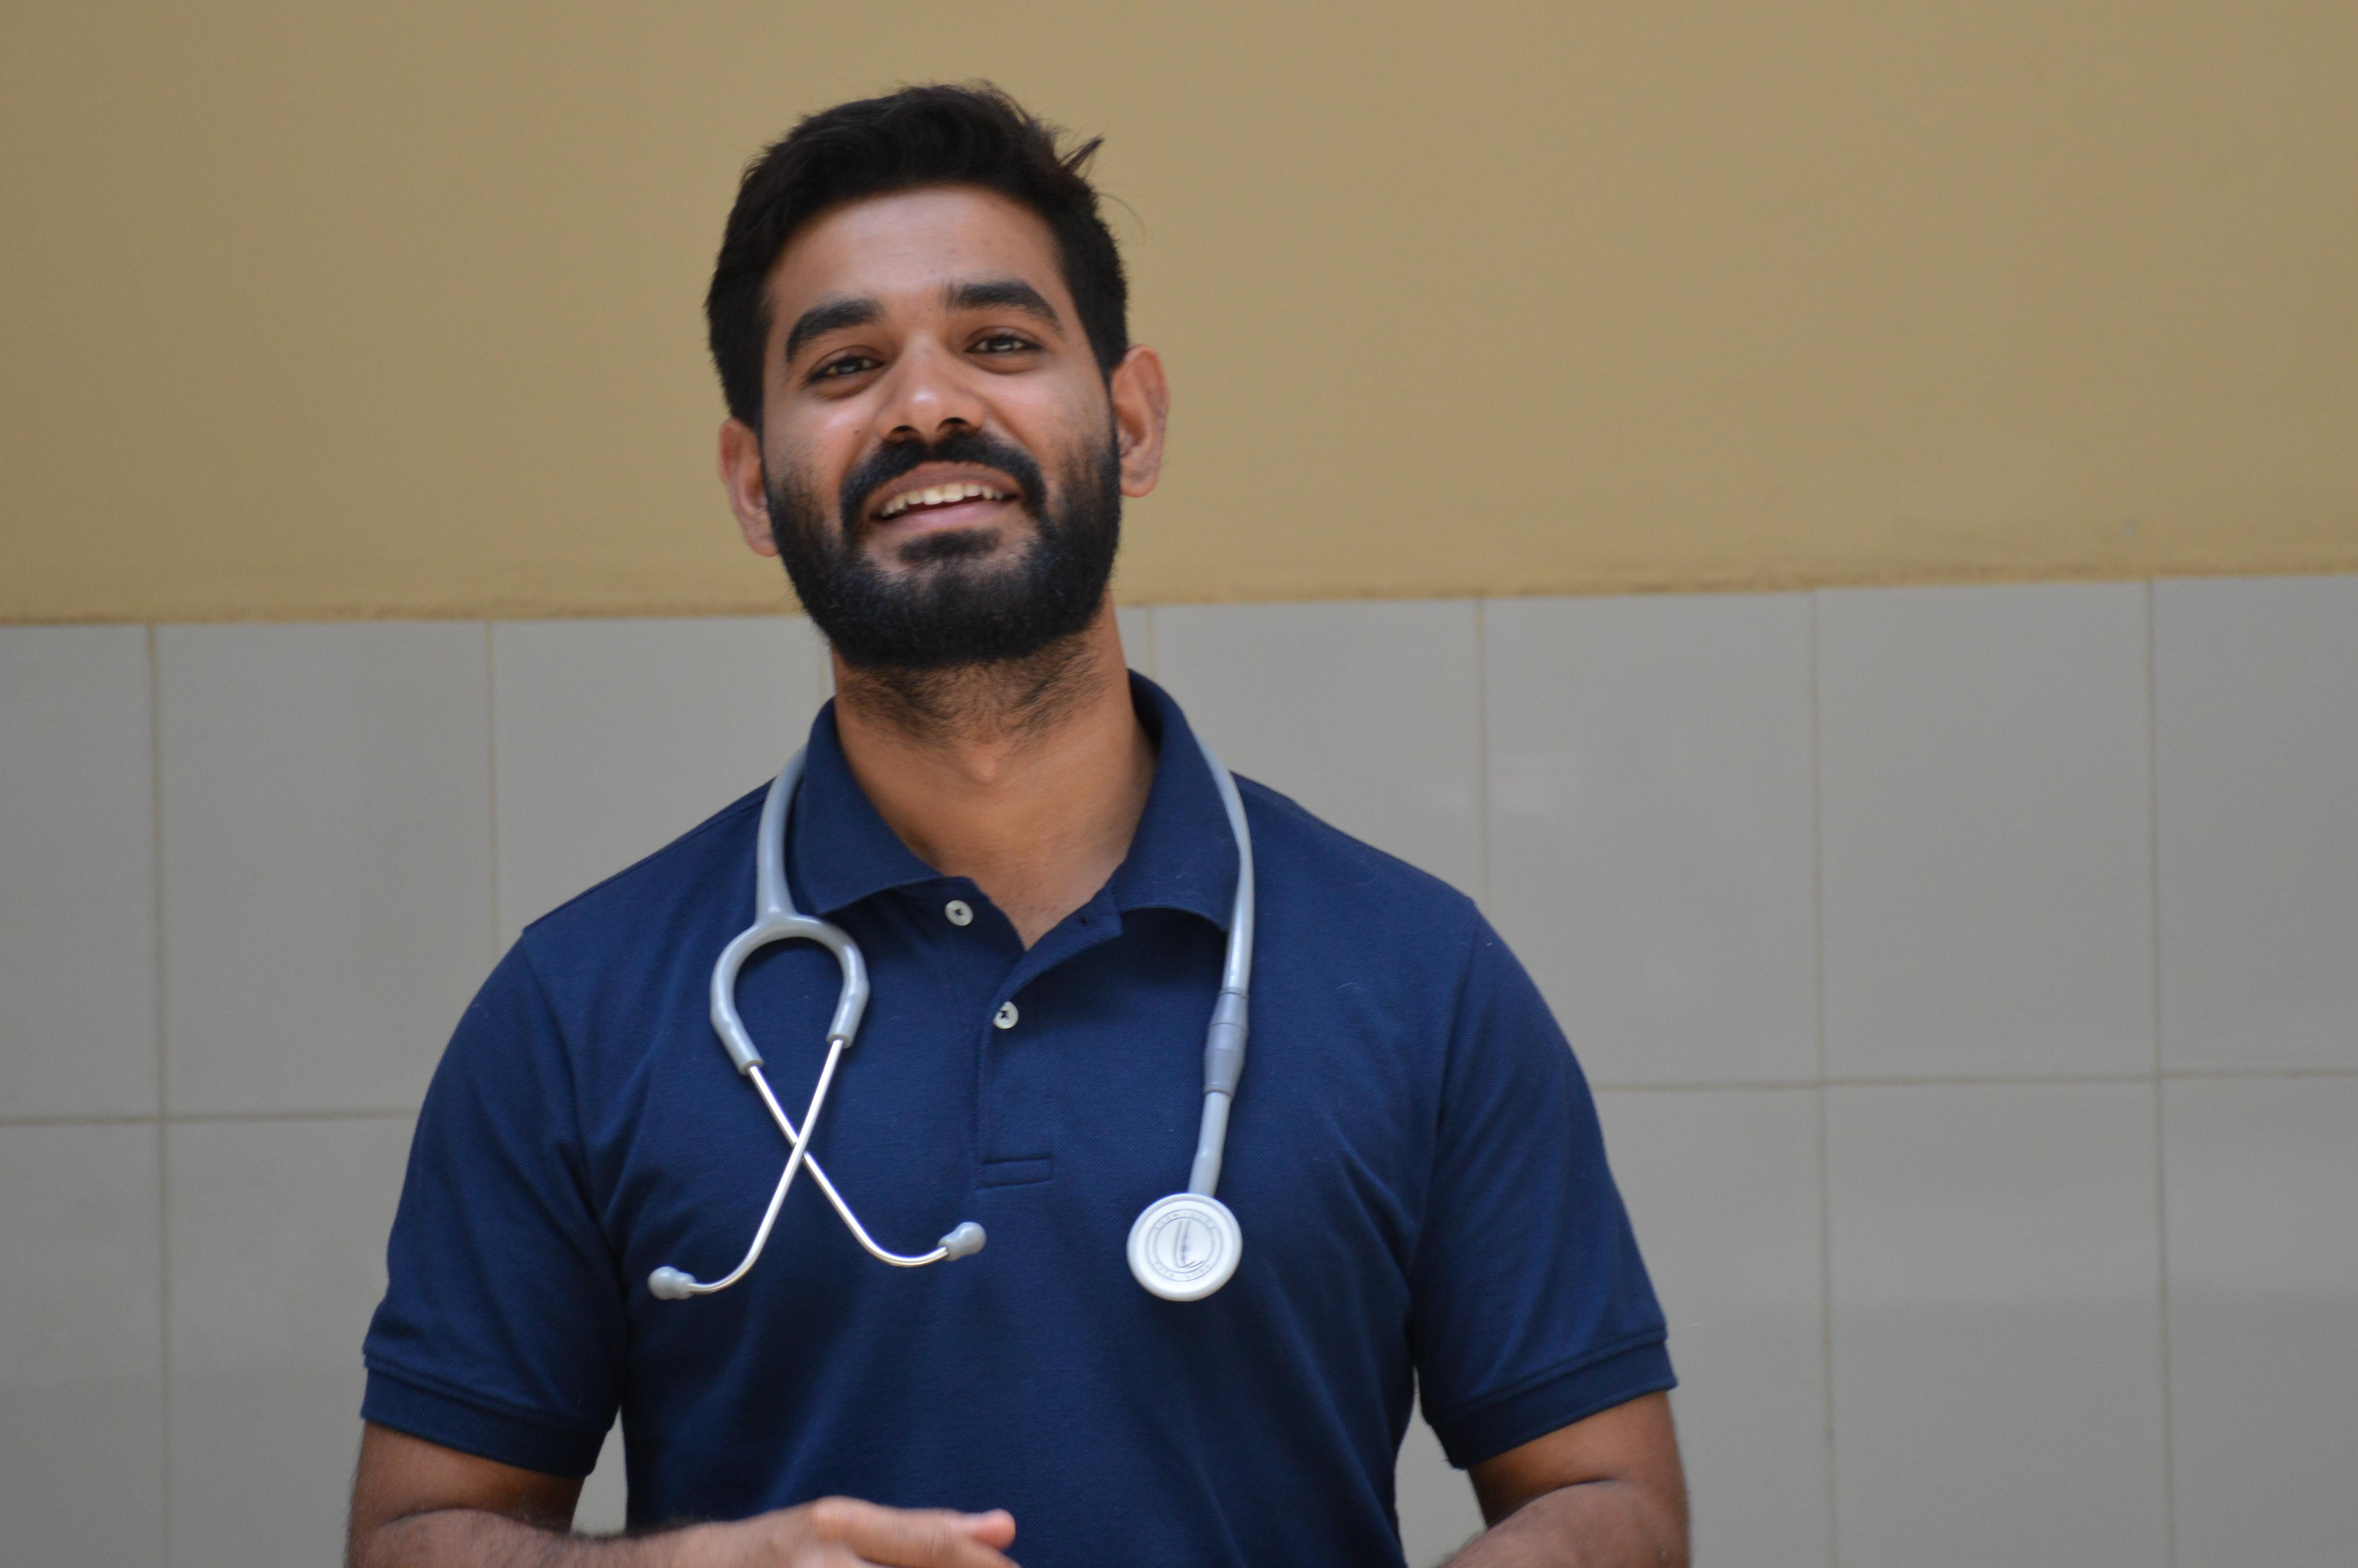 Dr. Sadik Roy